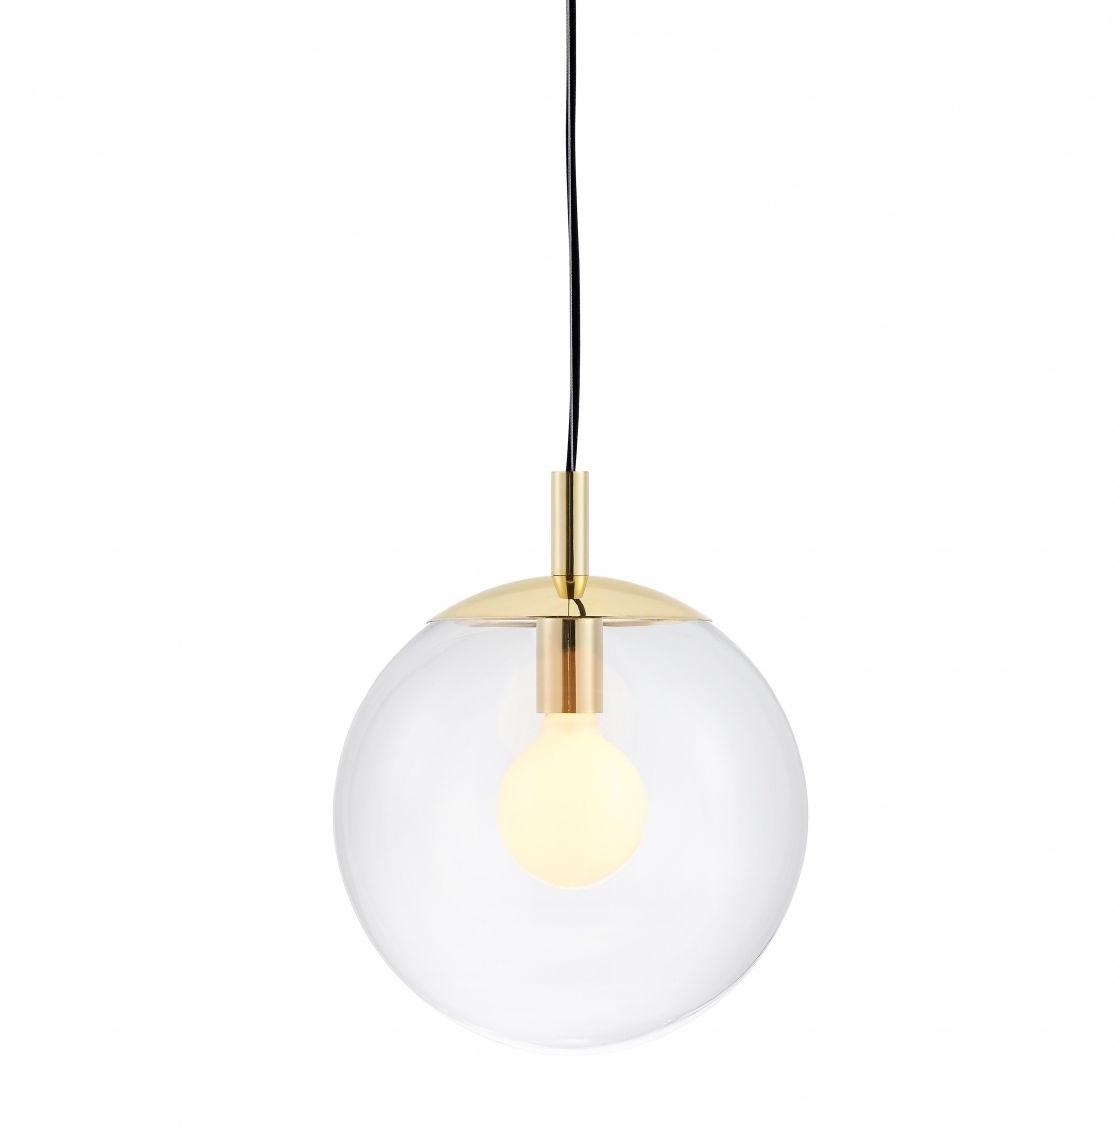 Lampa wisząca Alur S 10736109 KASPA pojedynczy zwis w kształcie kuli ze złotymi detalami